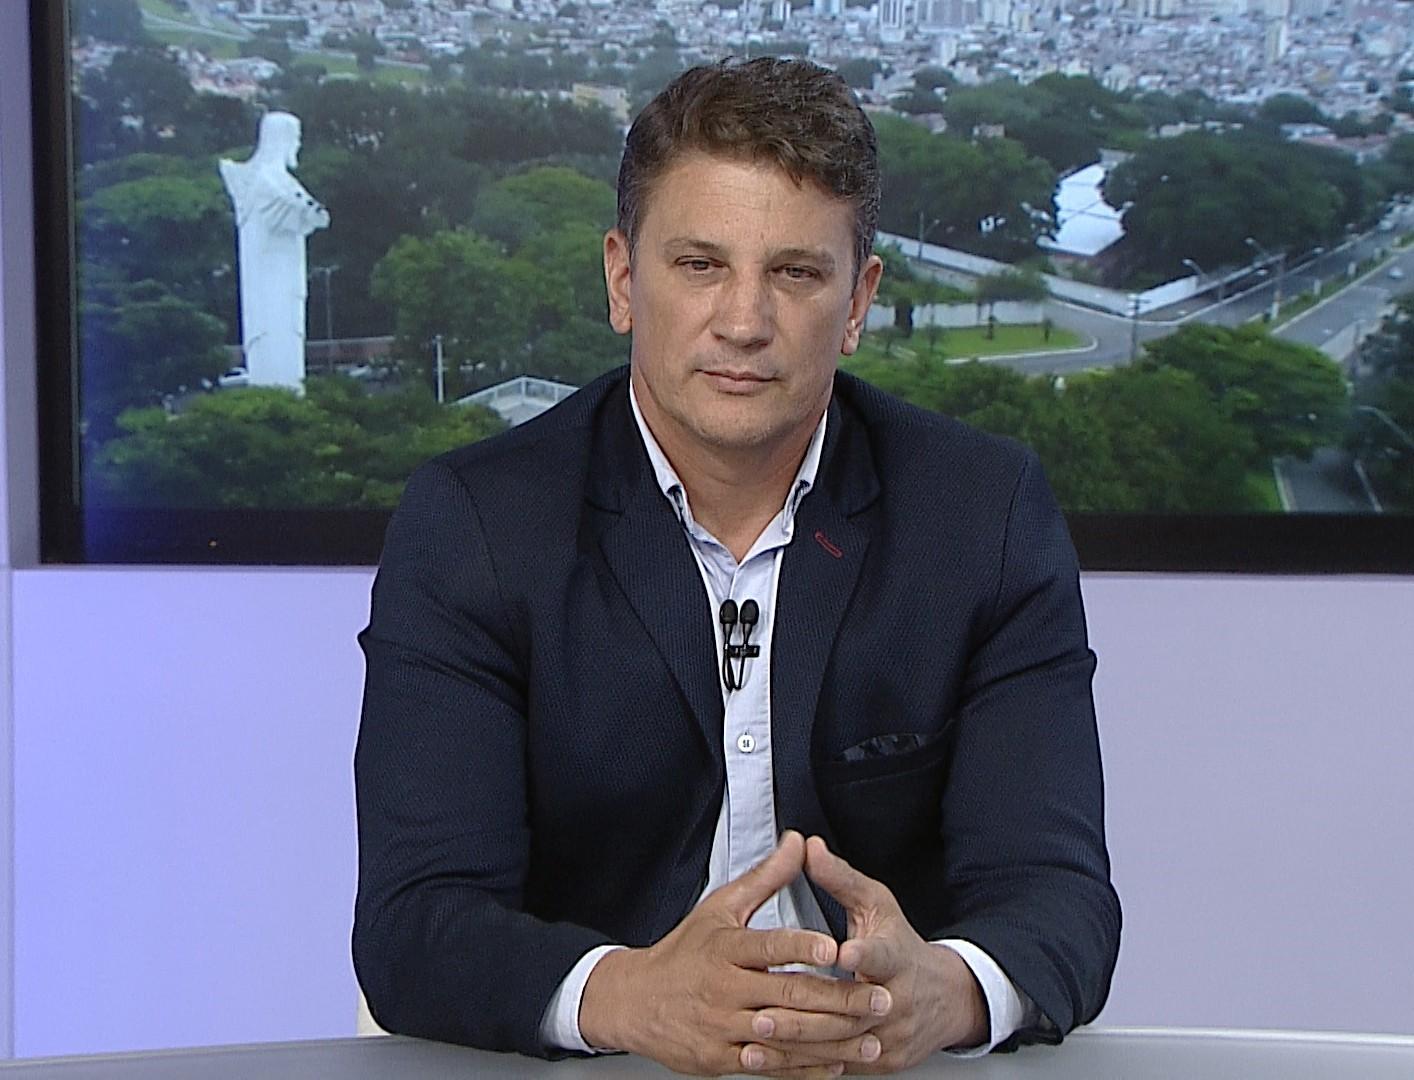 Prefeito de Pindamonhangaba, Isael Domingues, testa positivo para coronavírus